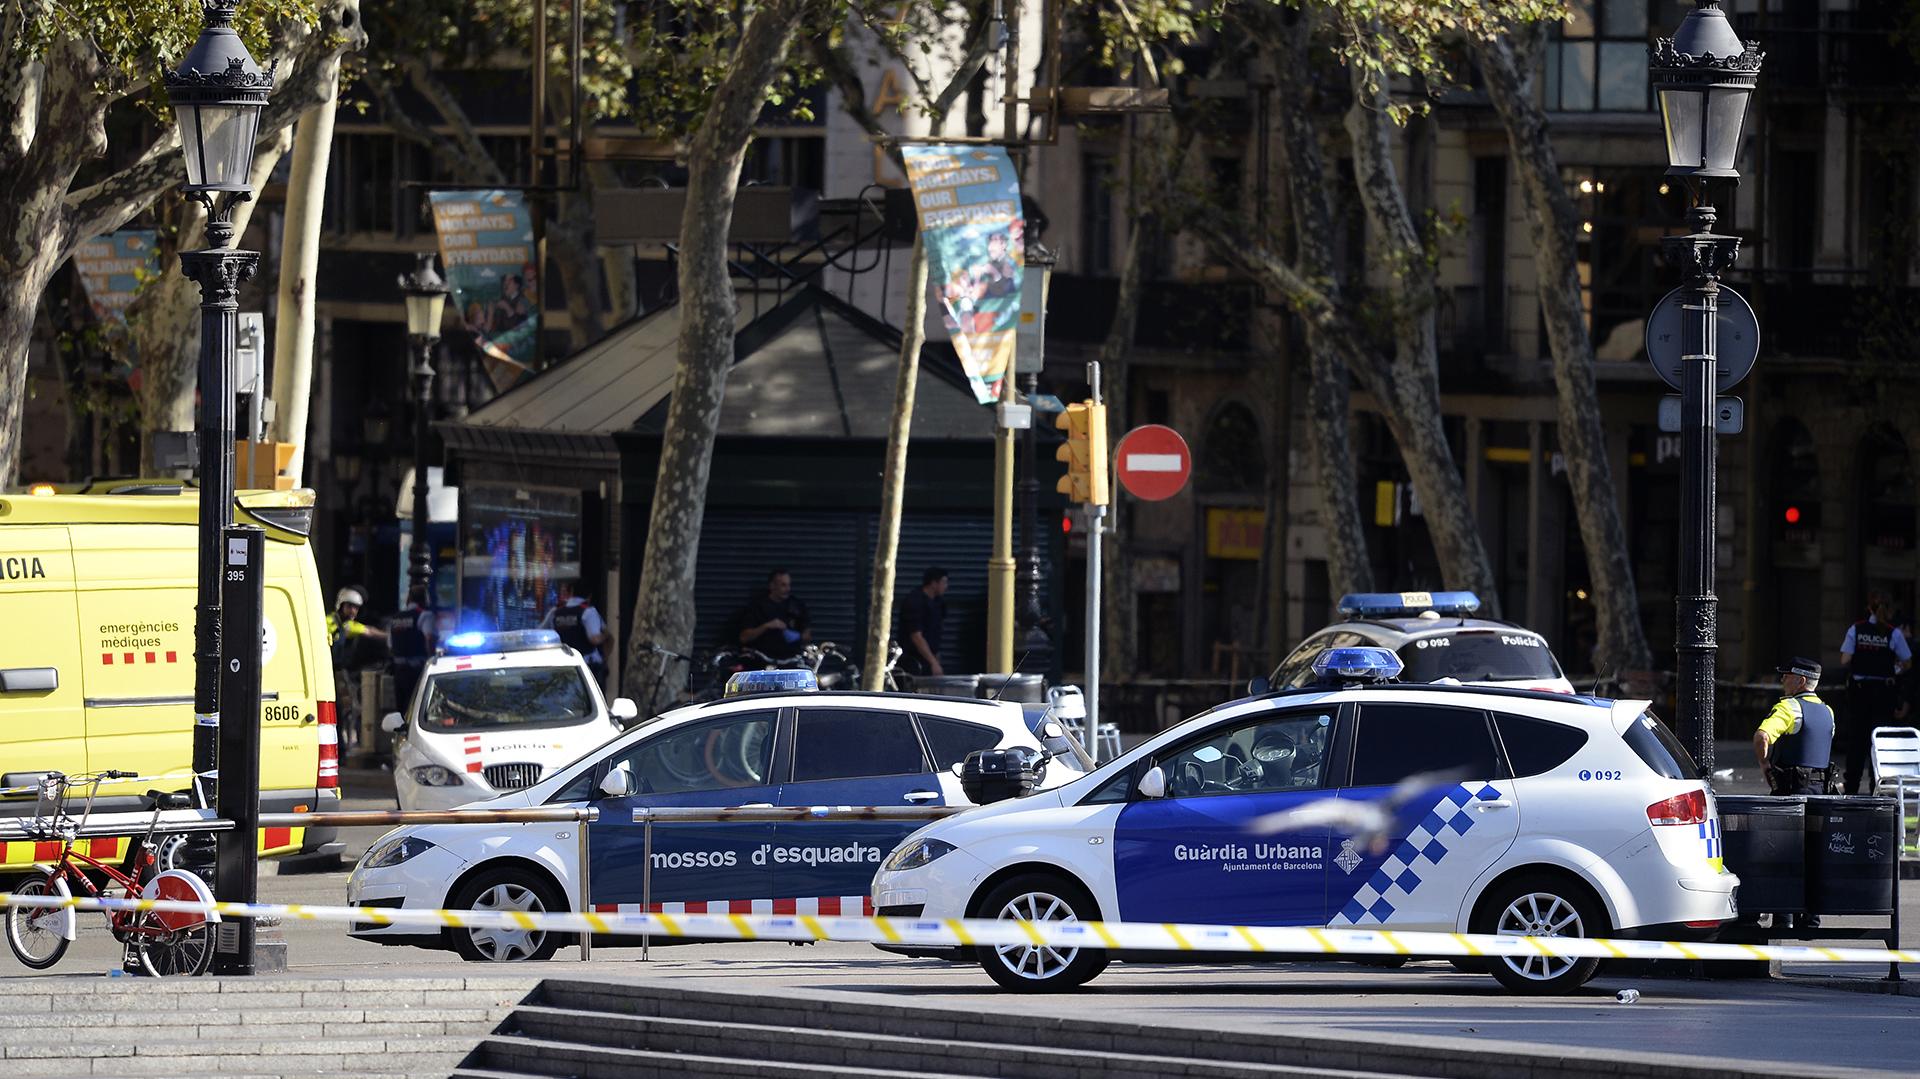 La zona está acordonada por la policía (AFP)